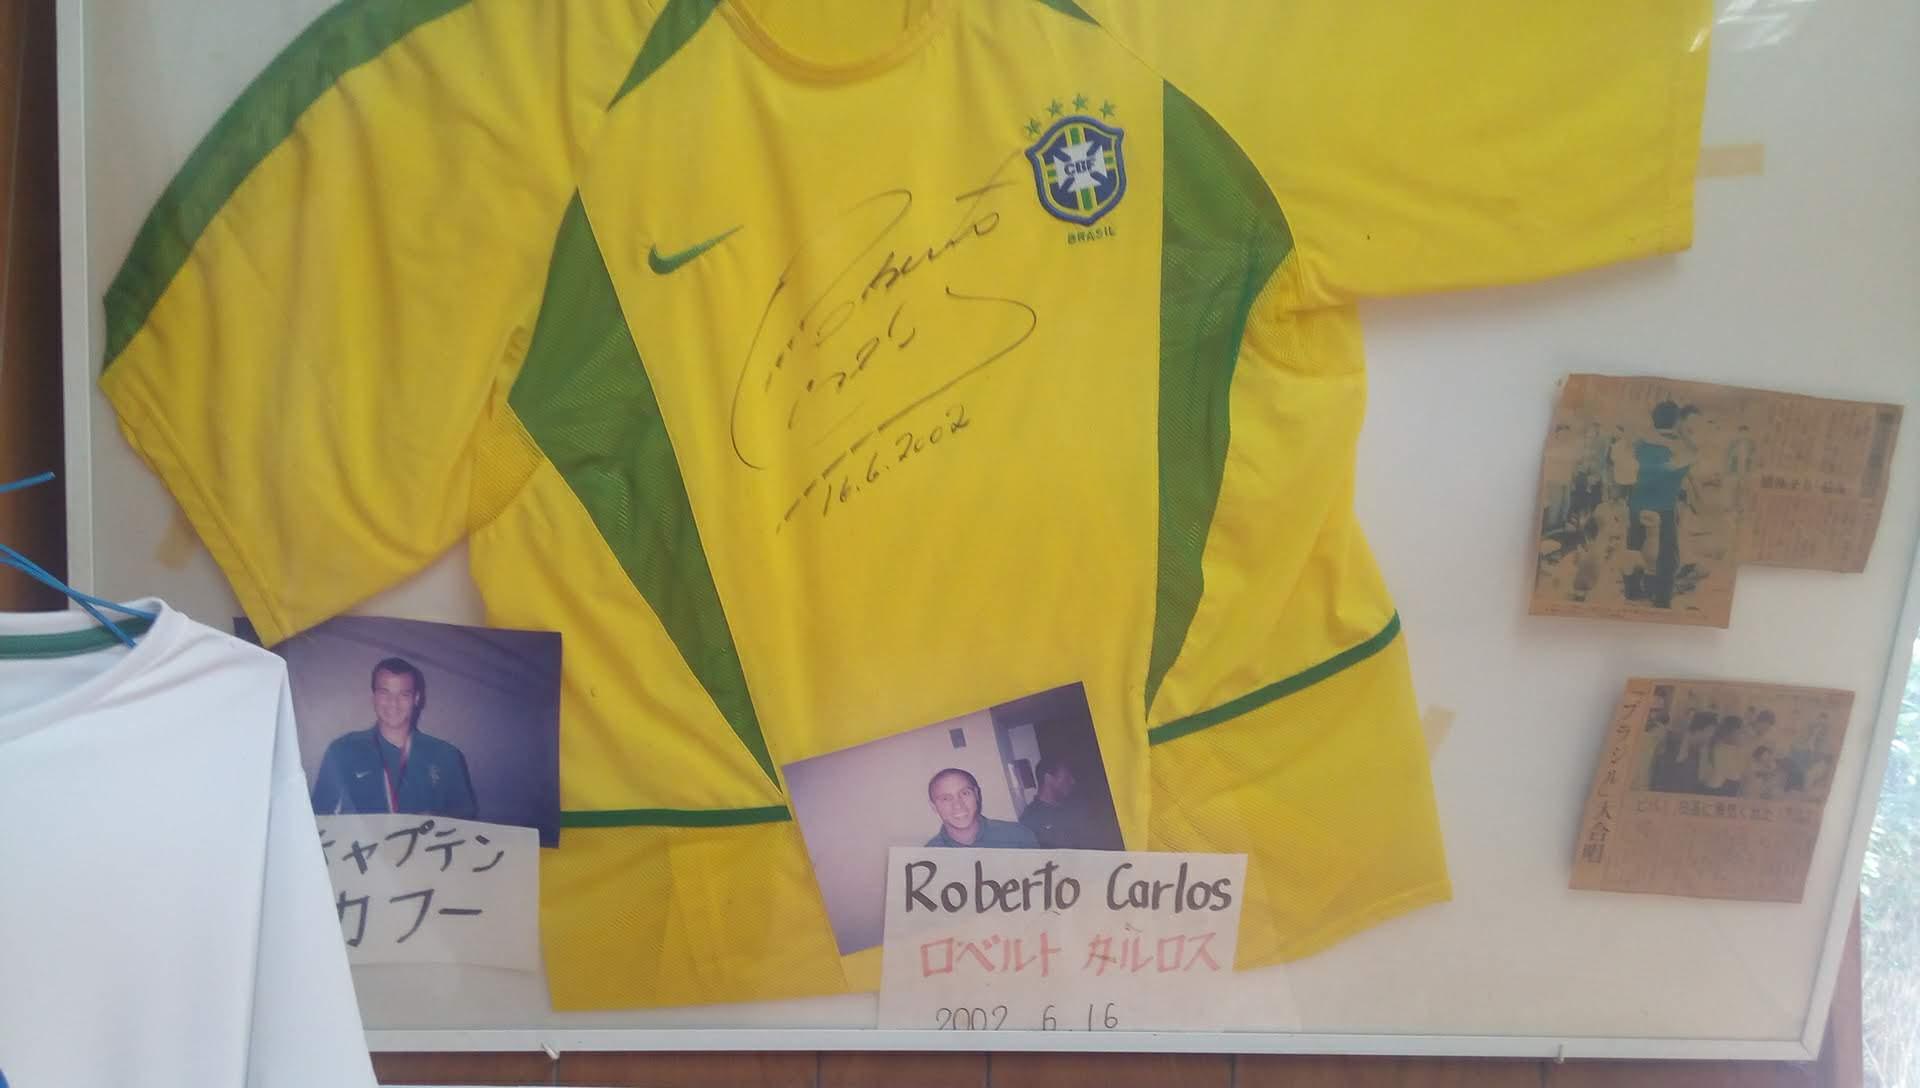 ロベルト・カルロスの直筆サイン